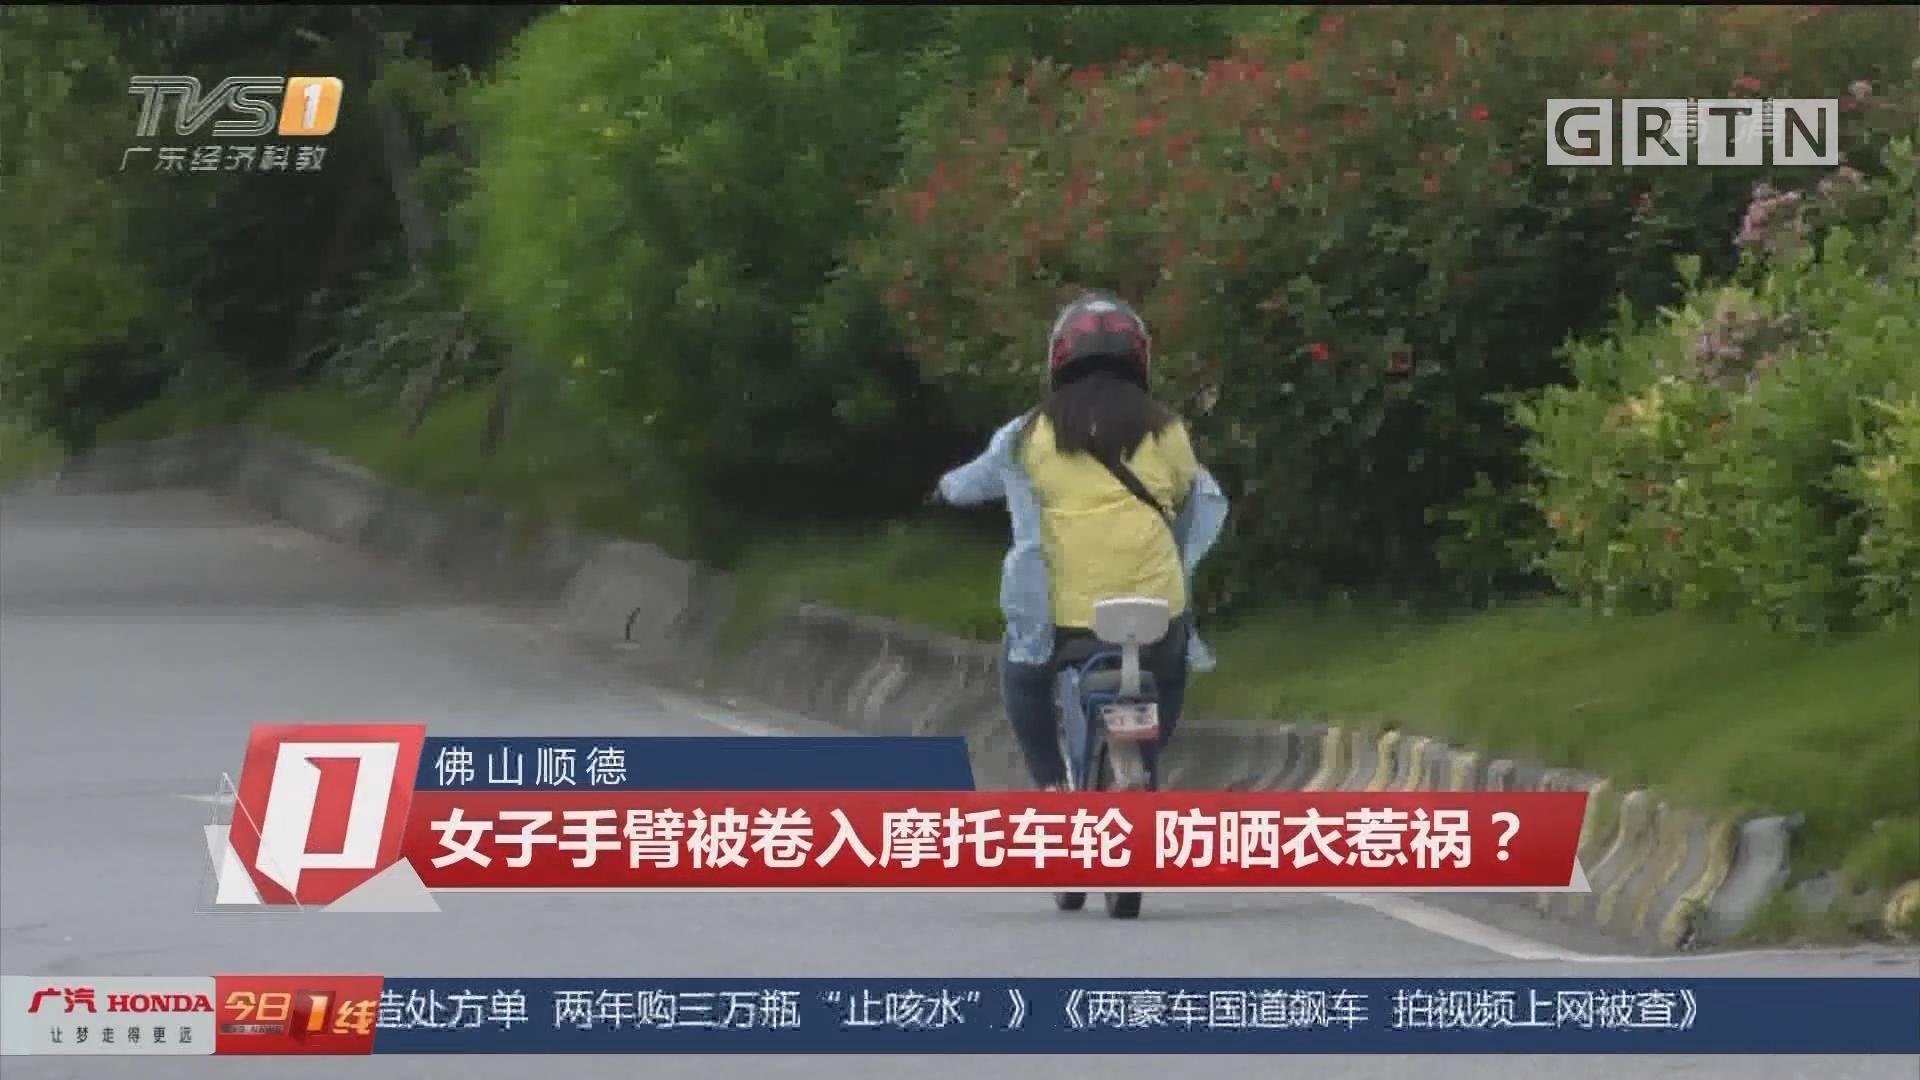 佛山顺德:女子手臂被卷入摩托车轮 防晒衣惹祸?